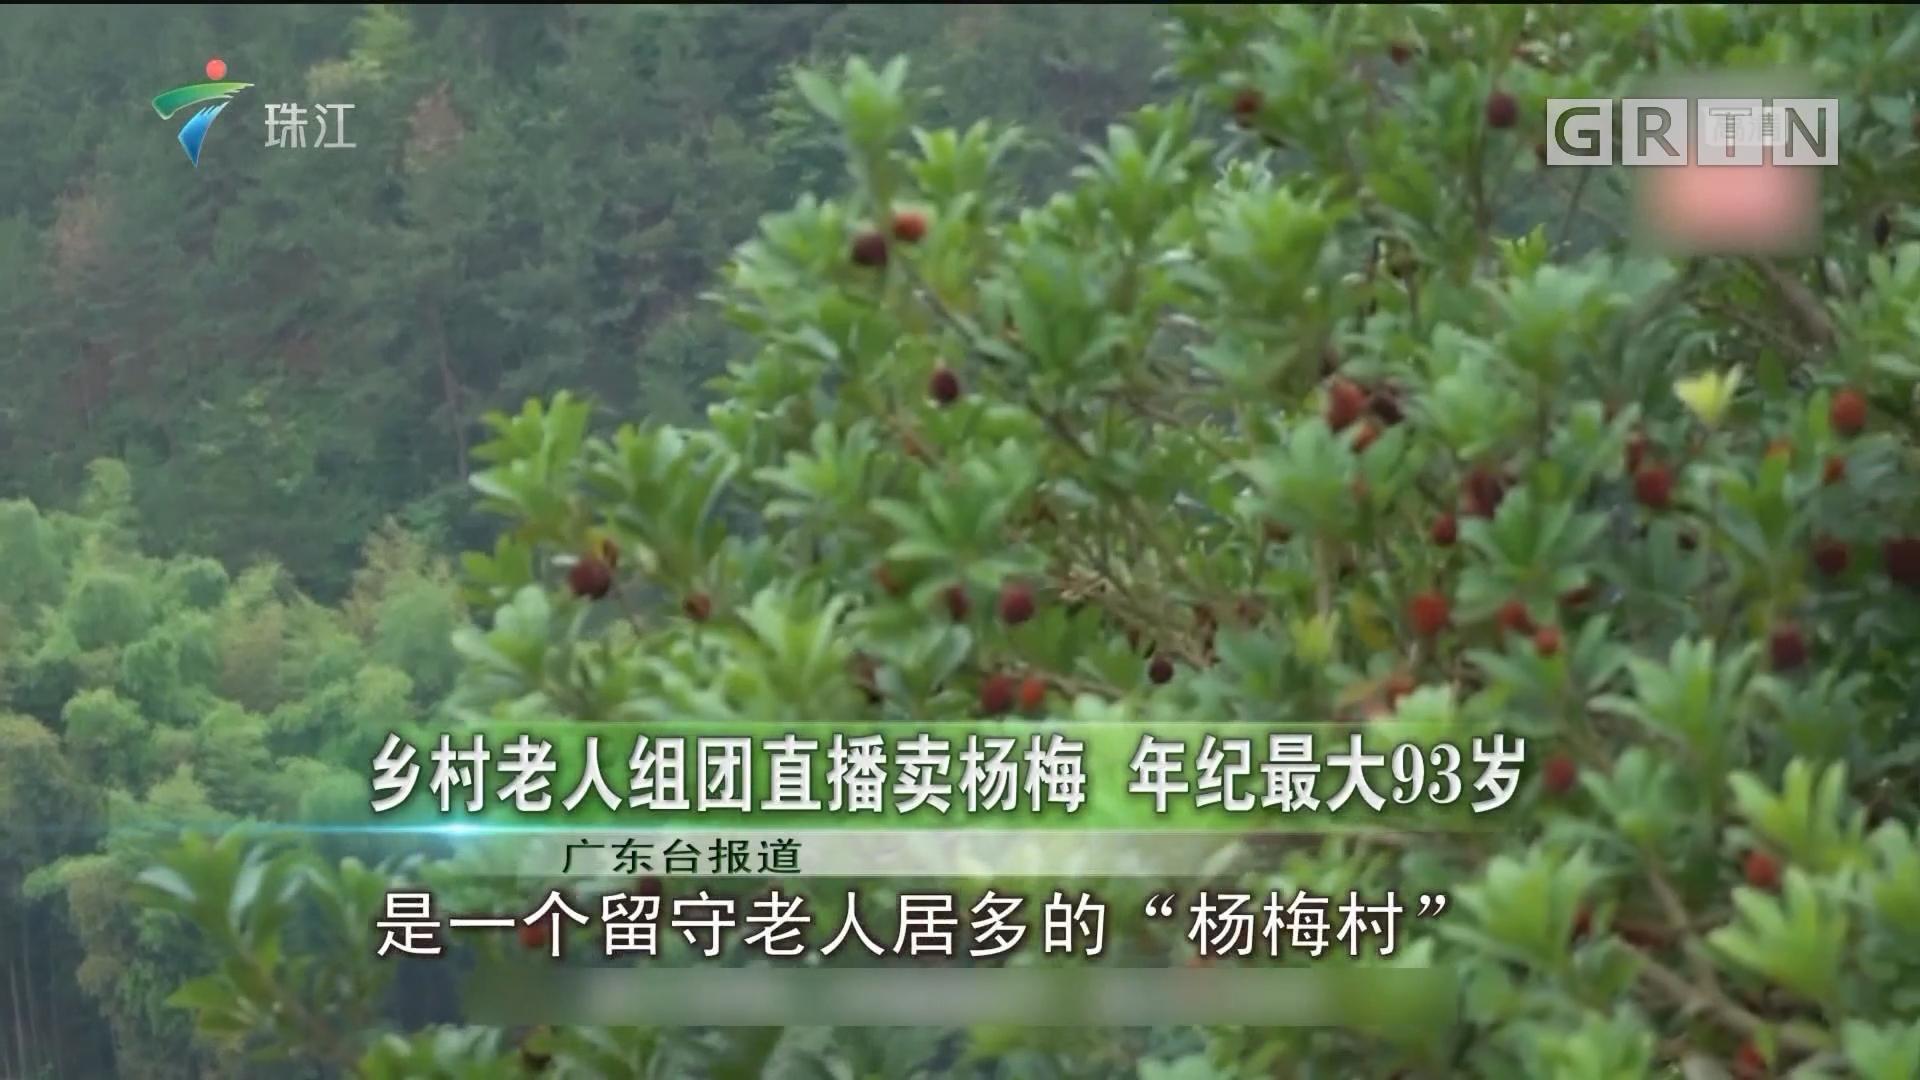 乡村老人组团直播卖杨梅 年纪最大93岁